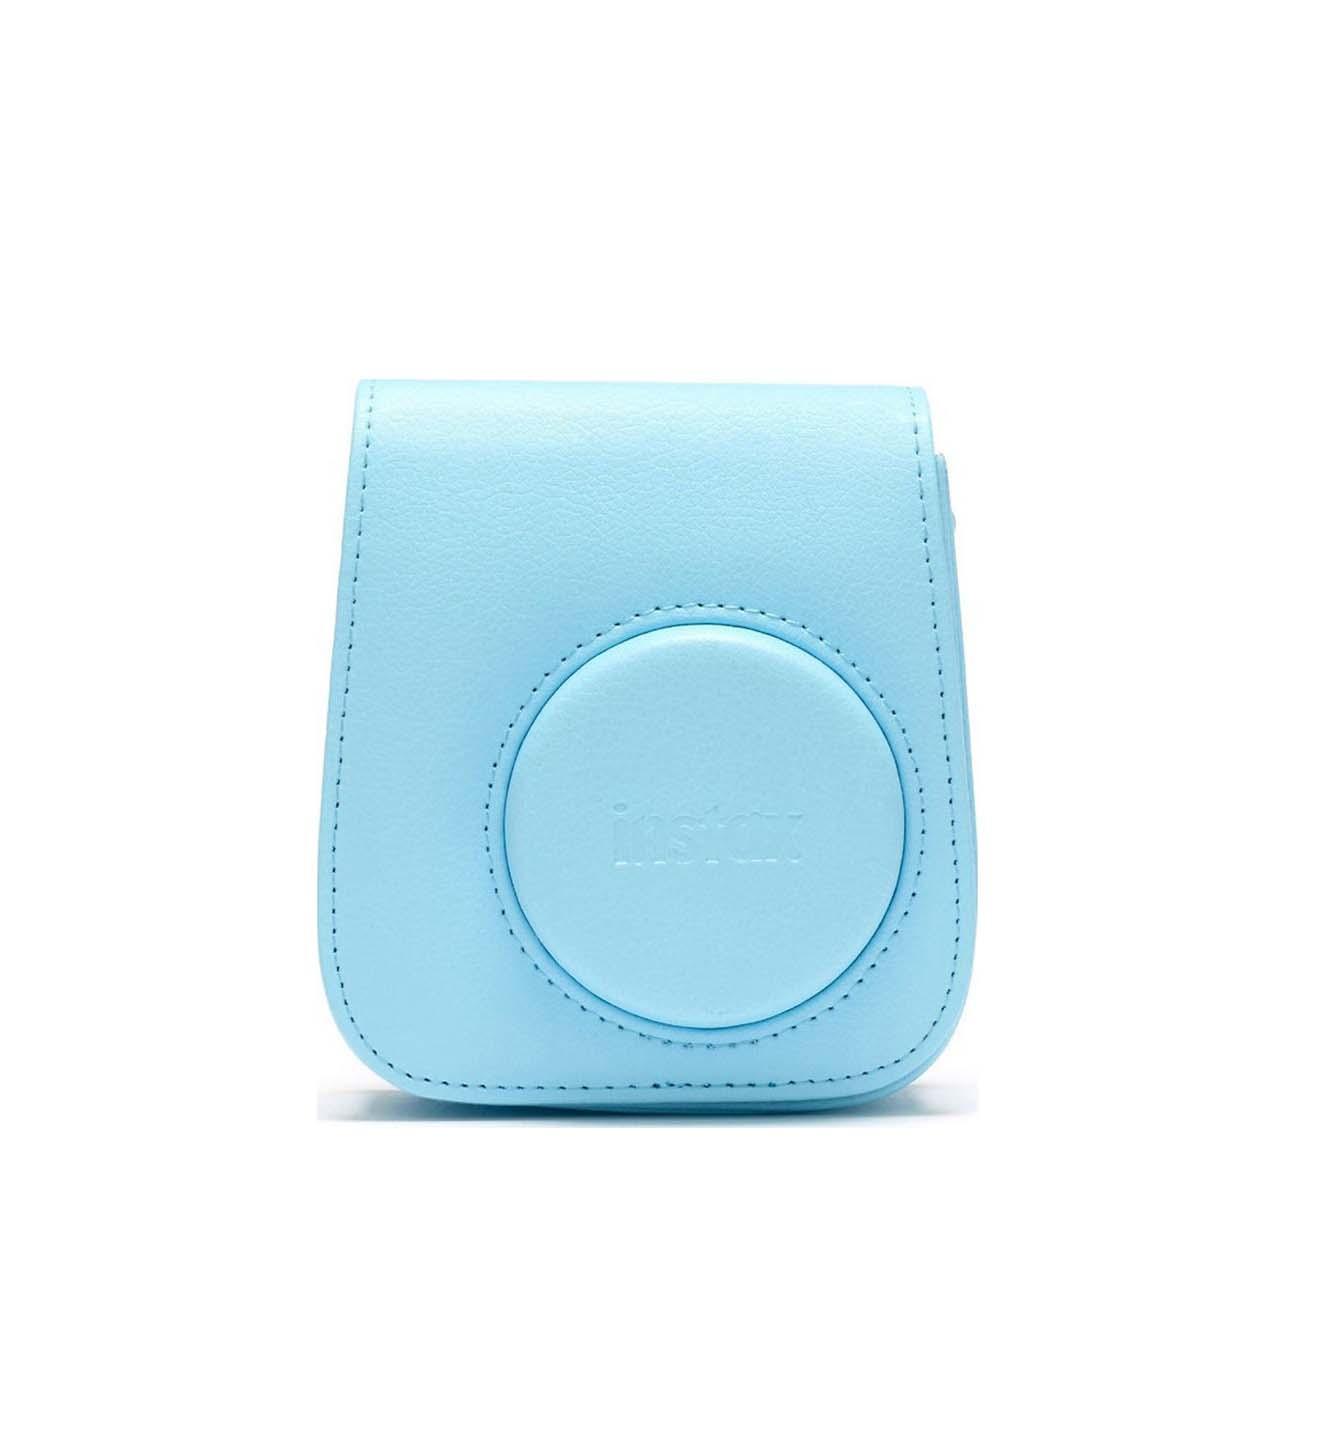 Fujifilm Camera Bag For Instax Mini 11 Sky Blue 70100146245